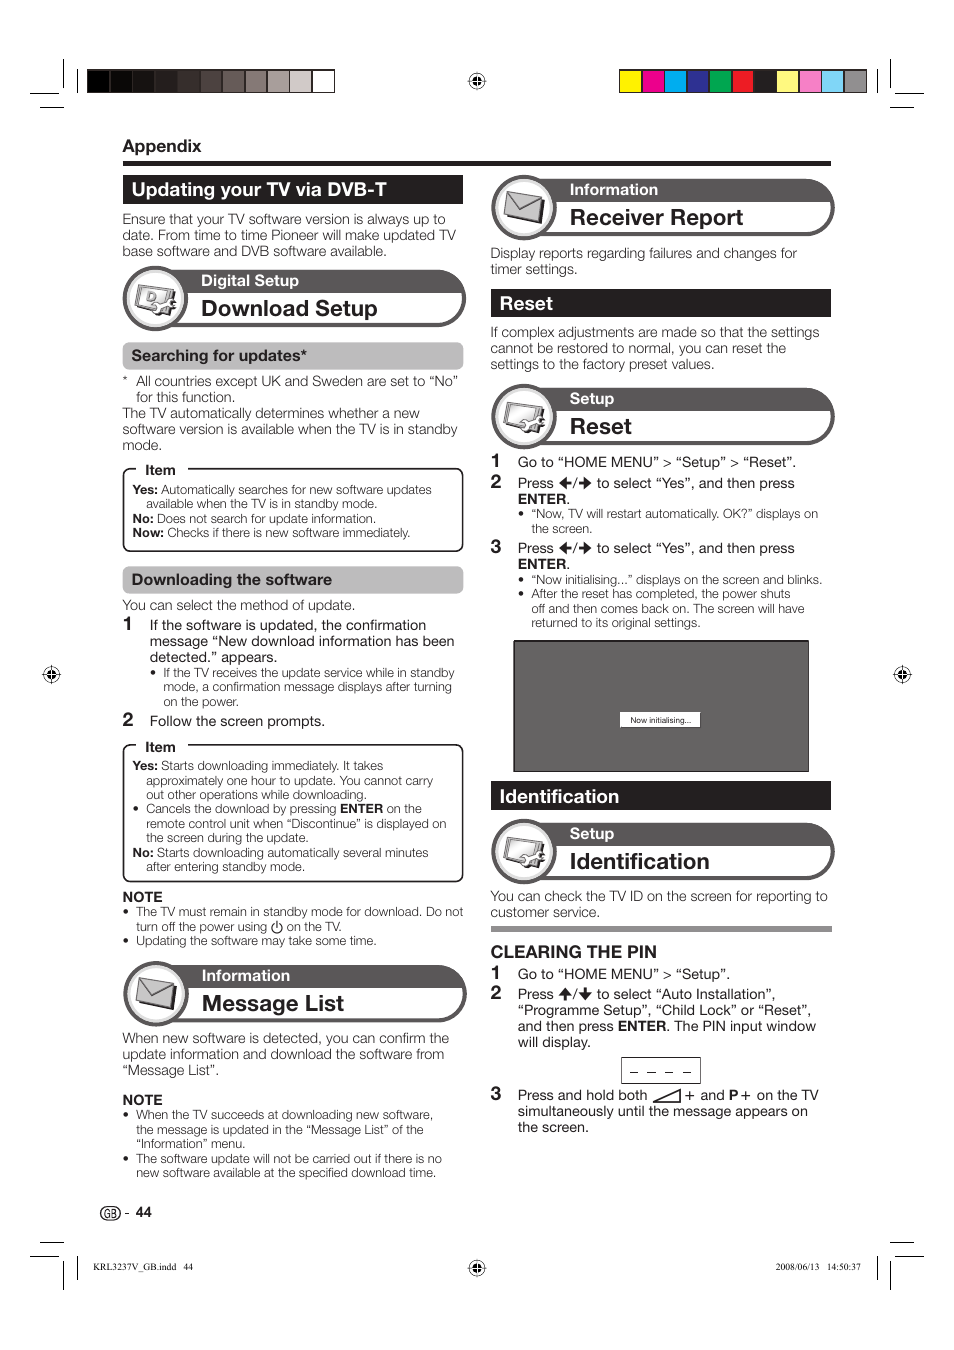 Download setup, Message list, Reset | Pioneer KRL-32V User